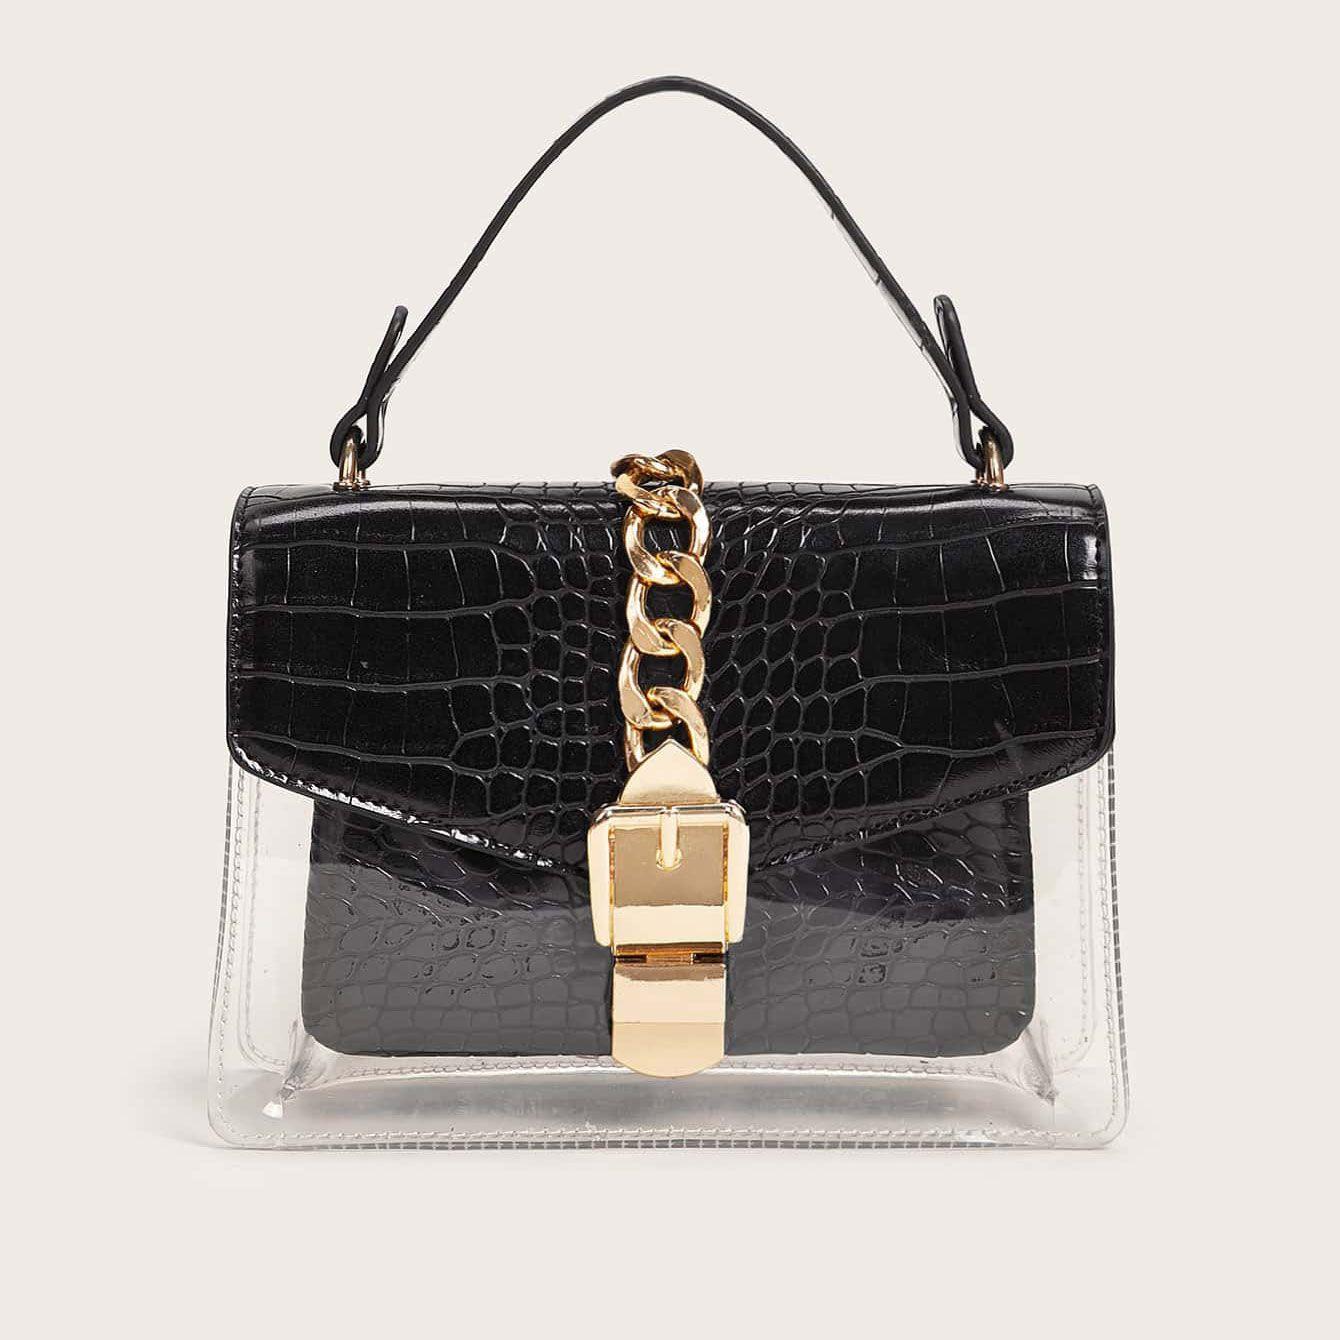 حقائب جديدة 180955 اكسوارات شنط حقائب فاشن ستايل موضة بنات أسلوب كل يوم موضة Satchel Bags Bags Satchel